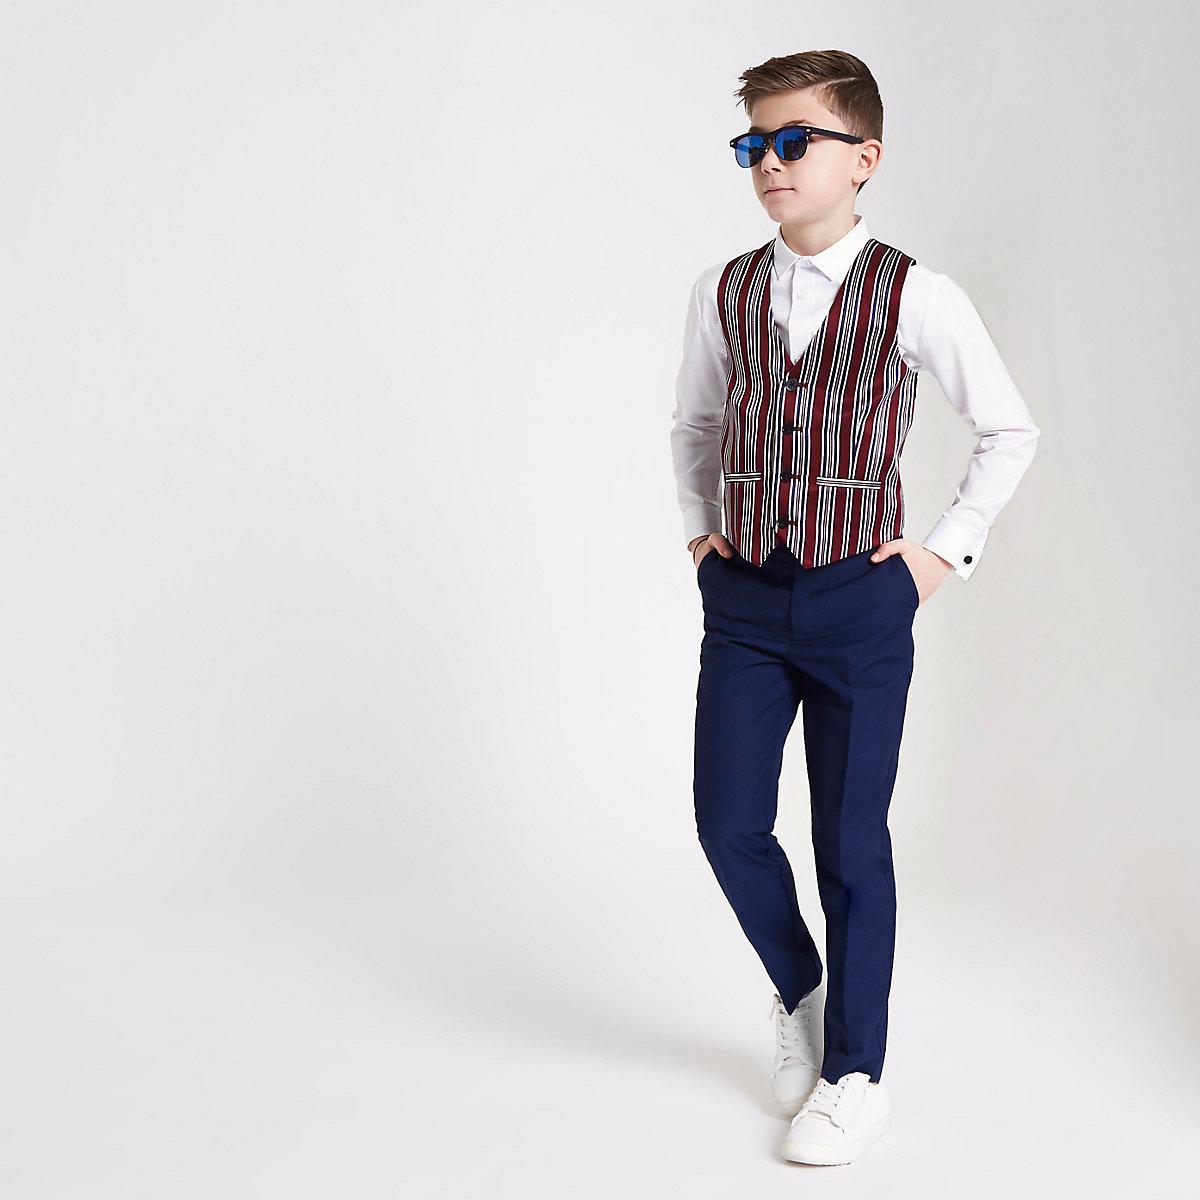 Ensemble chemise blanche et veston rayé pour garçon